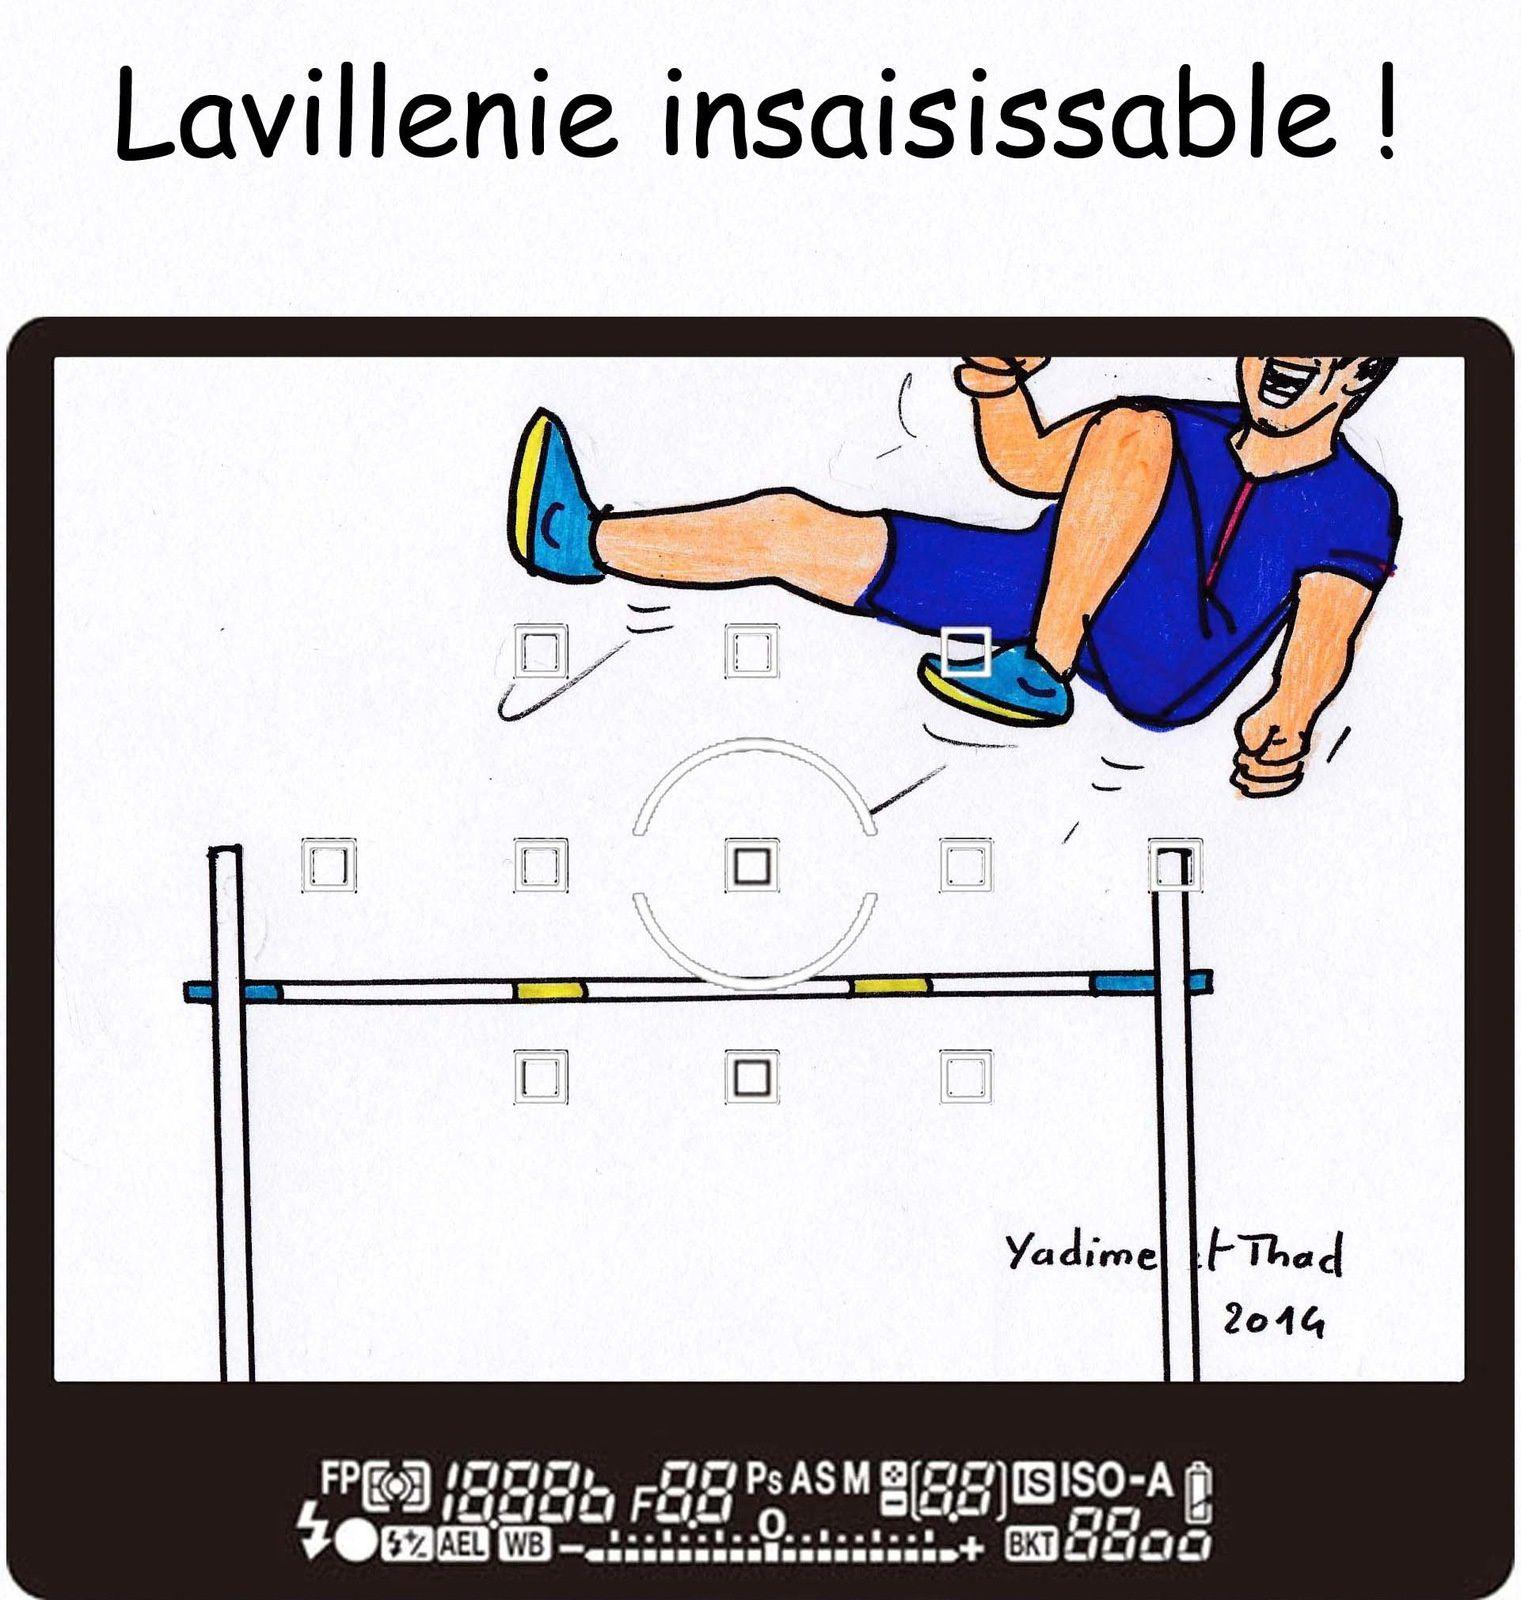 Lavillenie : hors cadre